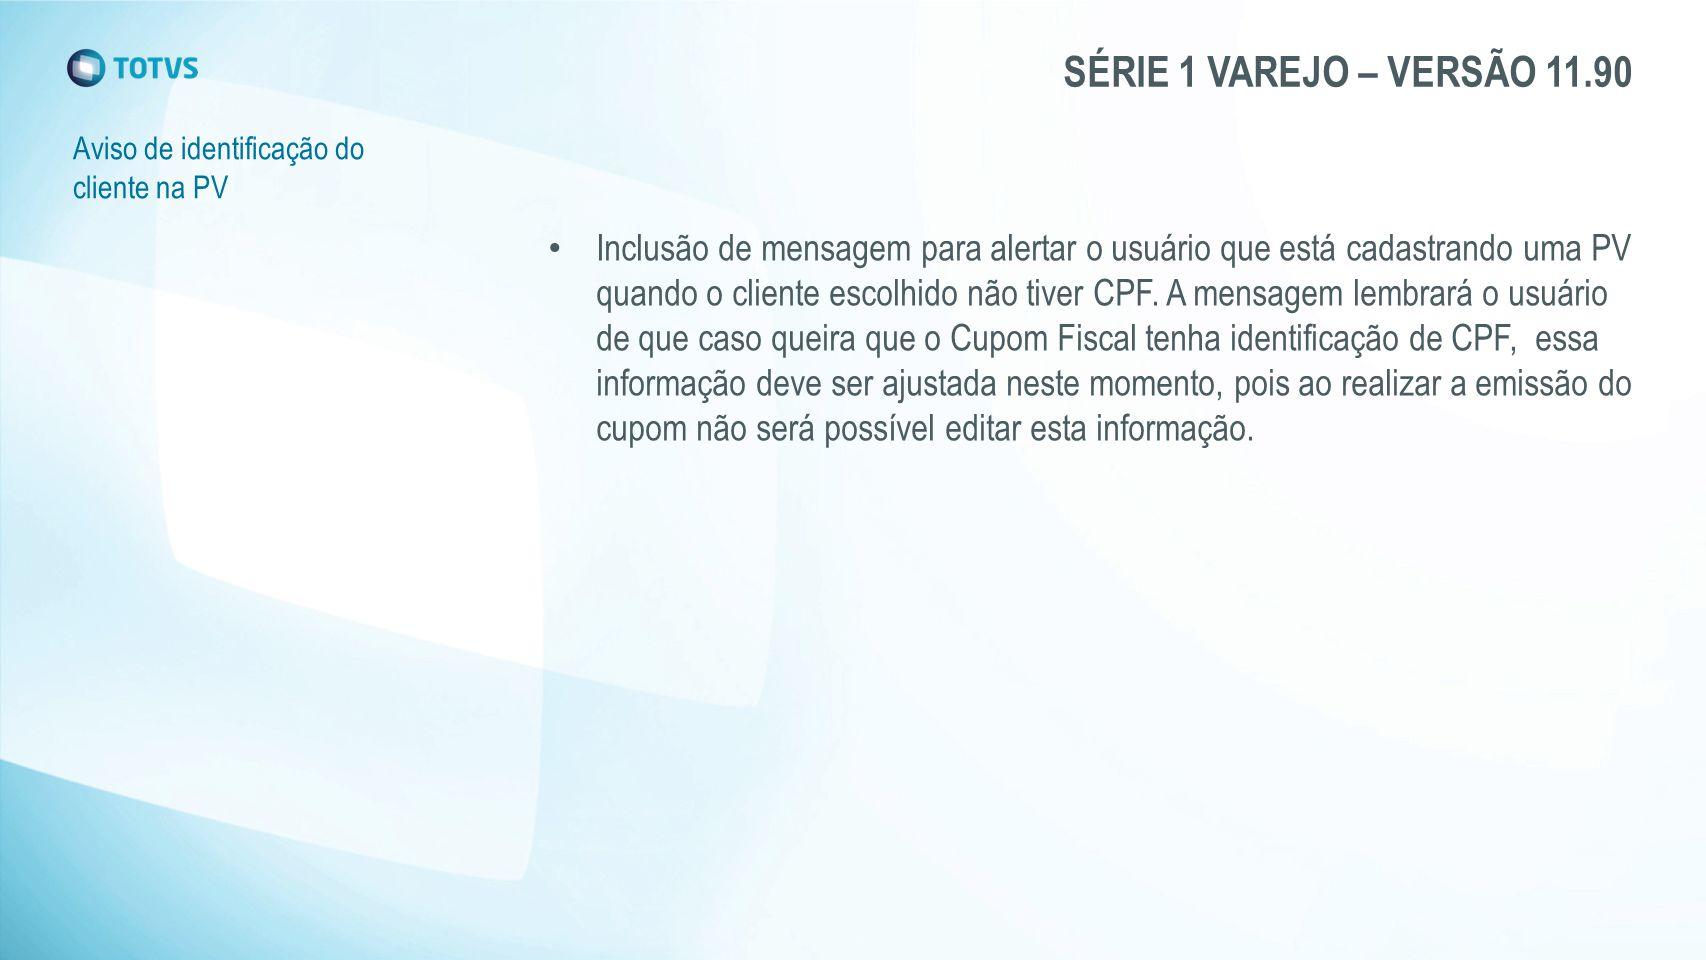 SÉRIE 1 VAREJO – VERSÃO 11.90 Aviso de identificação do cliente na PV Inclusão de mensagem para alertar o usuário que está cadastrando uma PV quando o